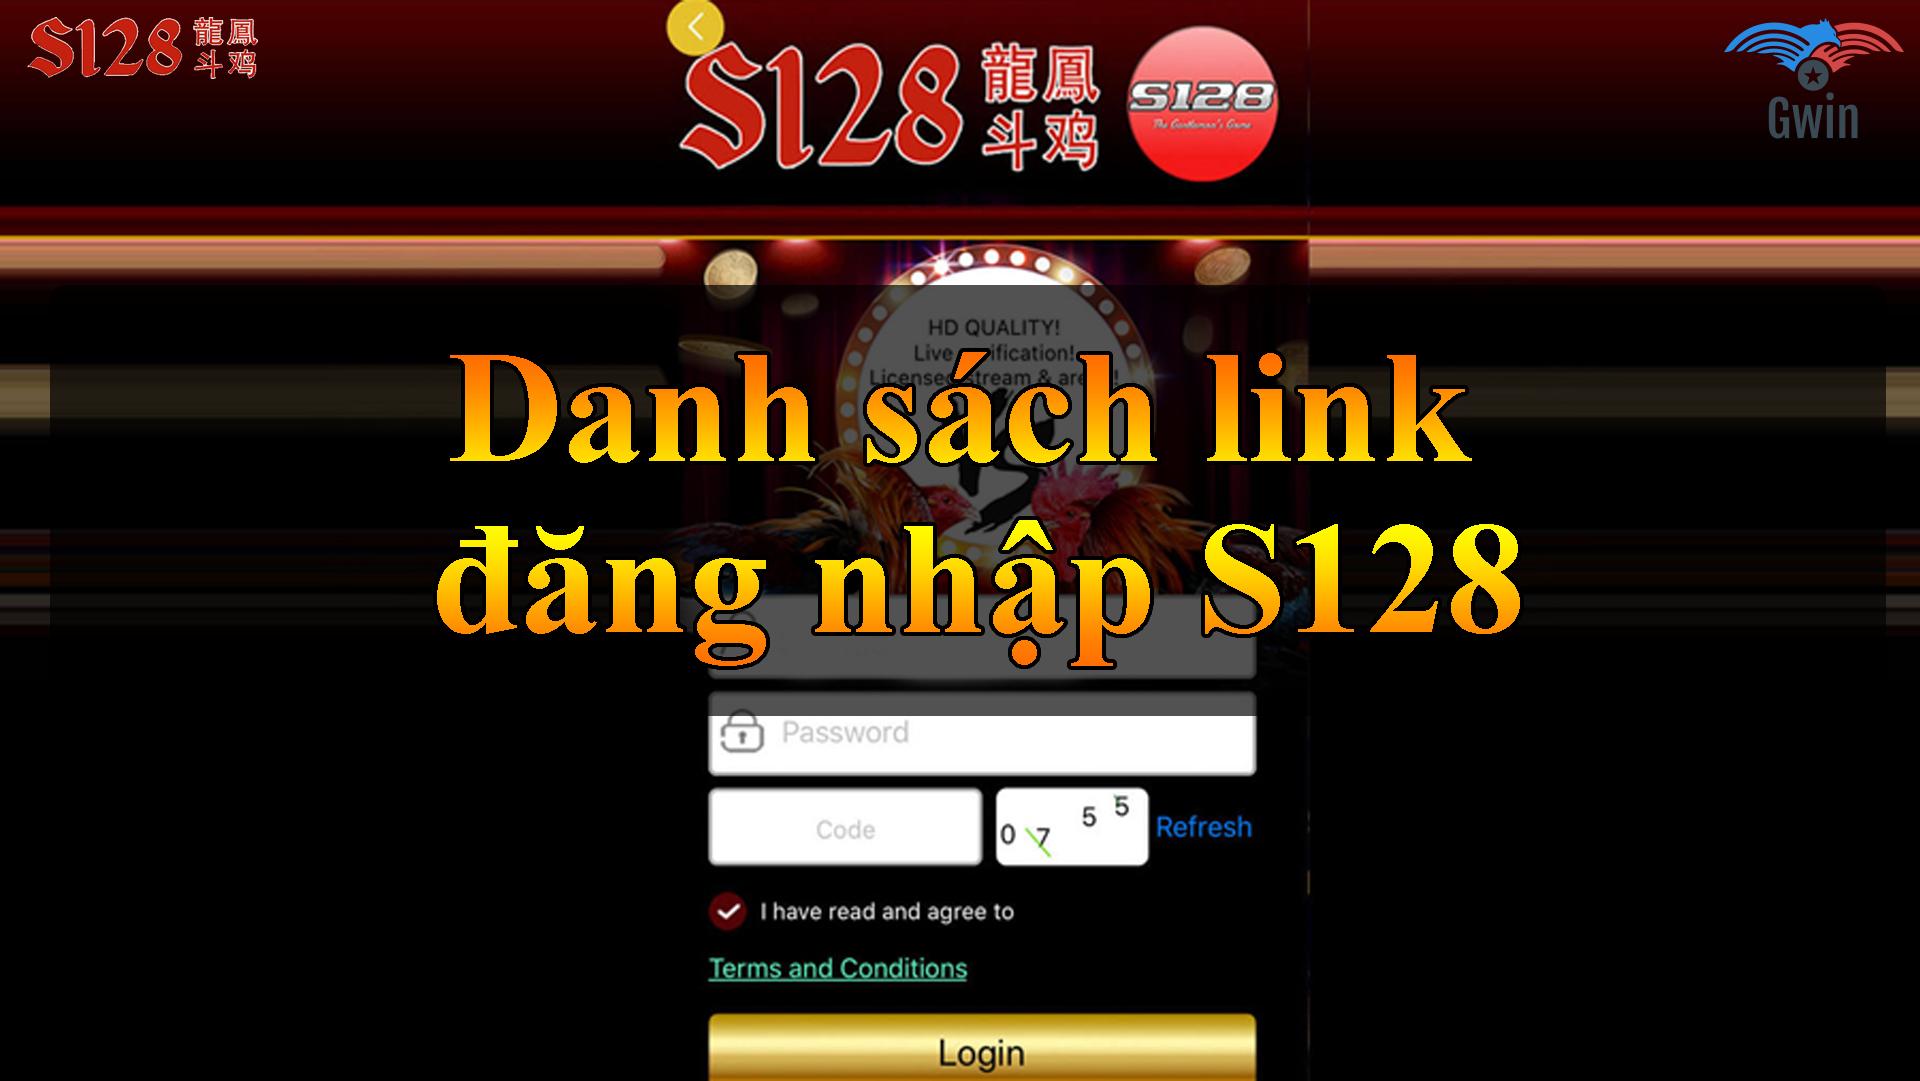 Danh sách link đăng nhập S128